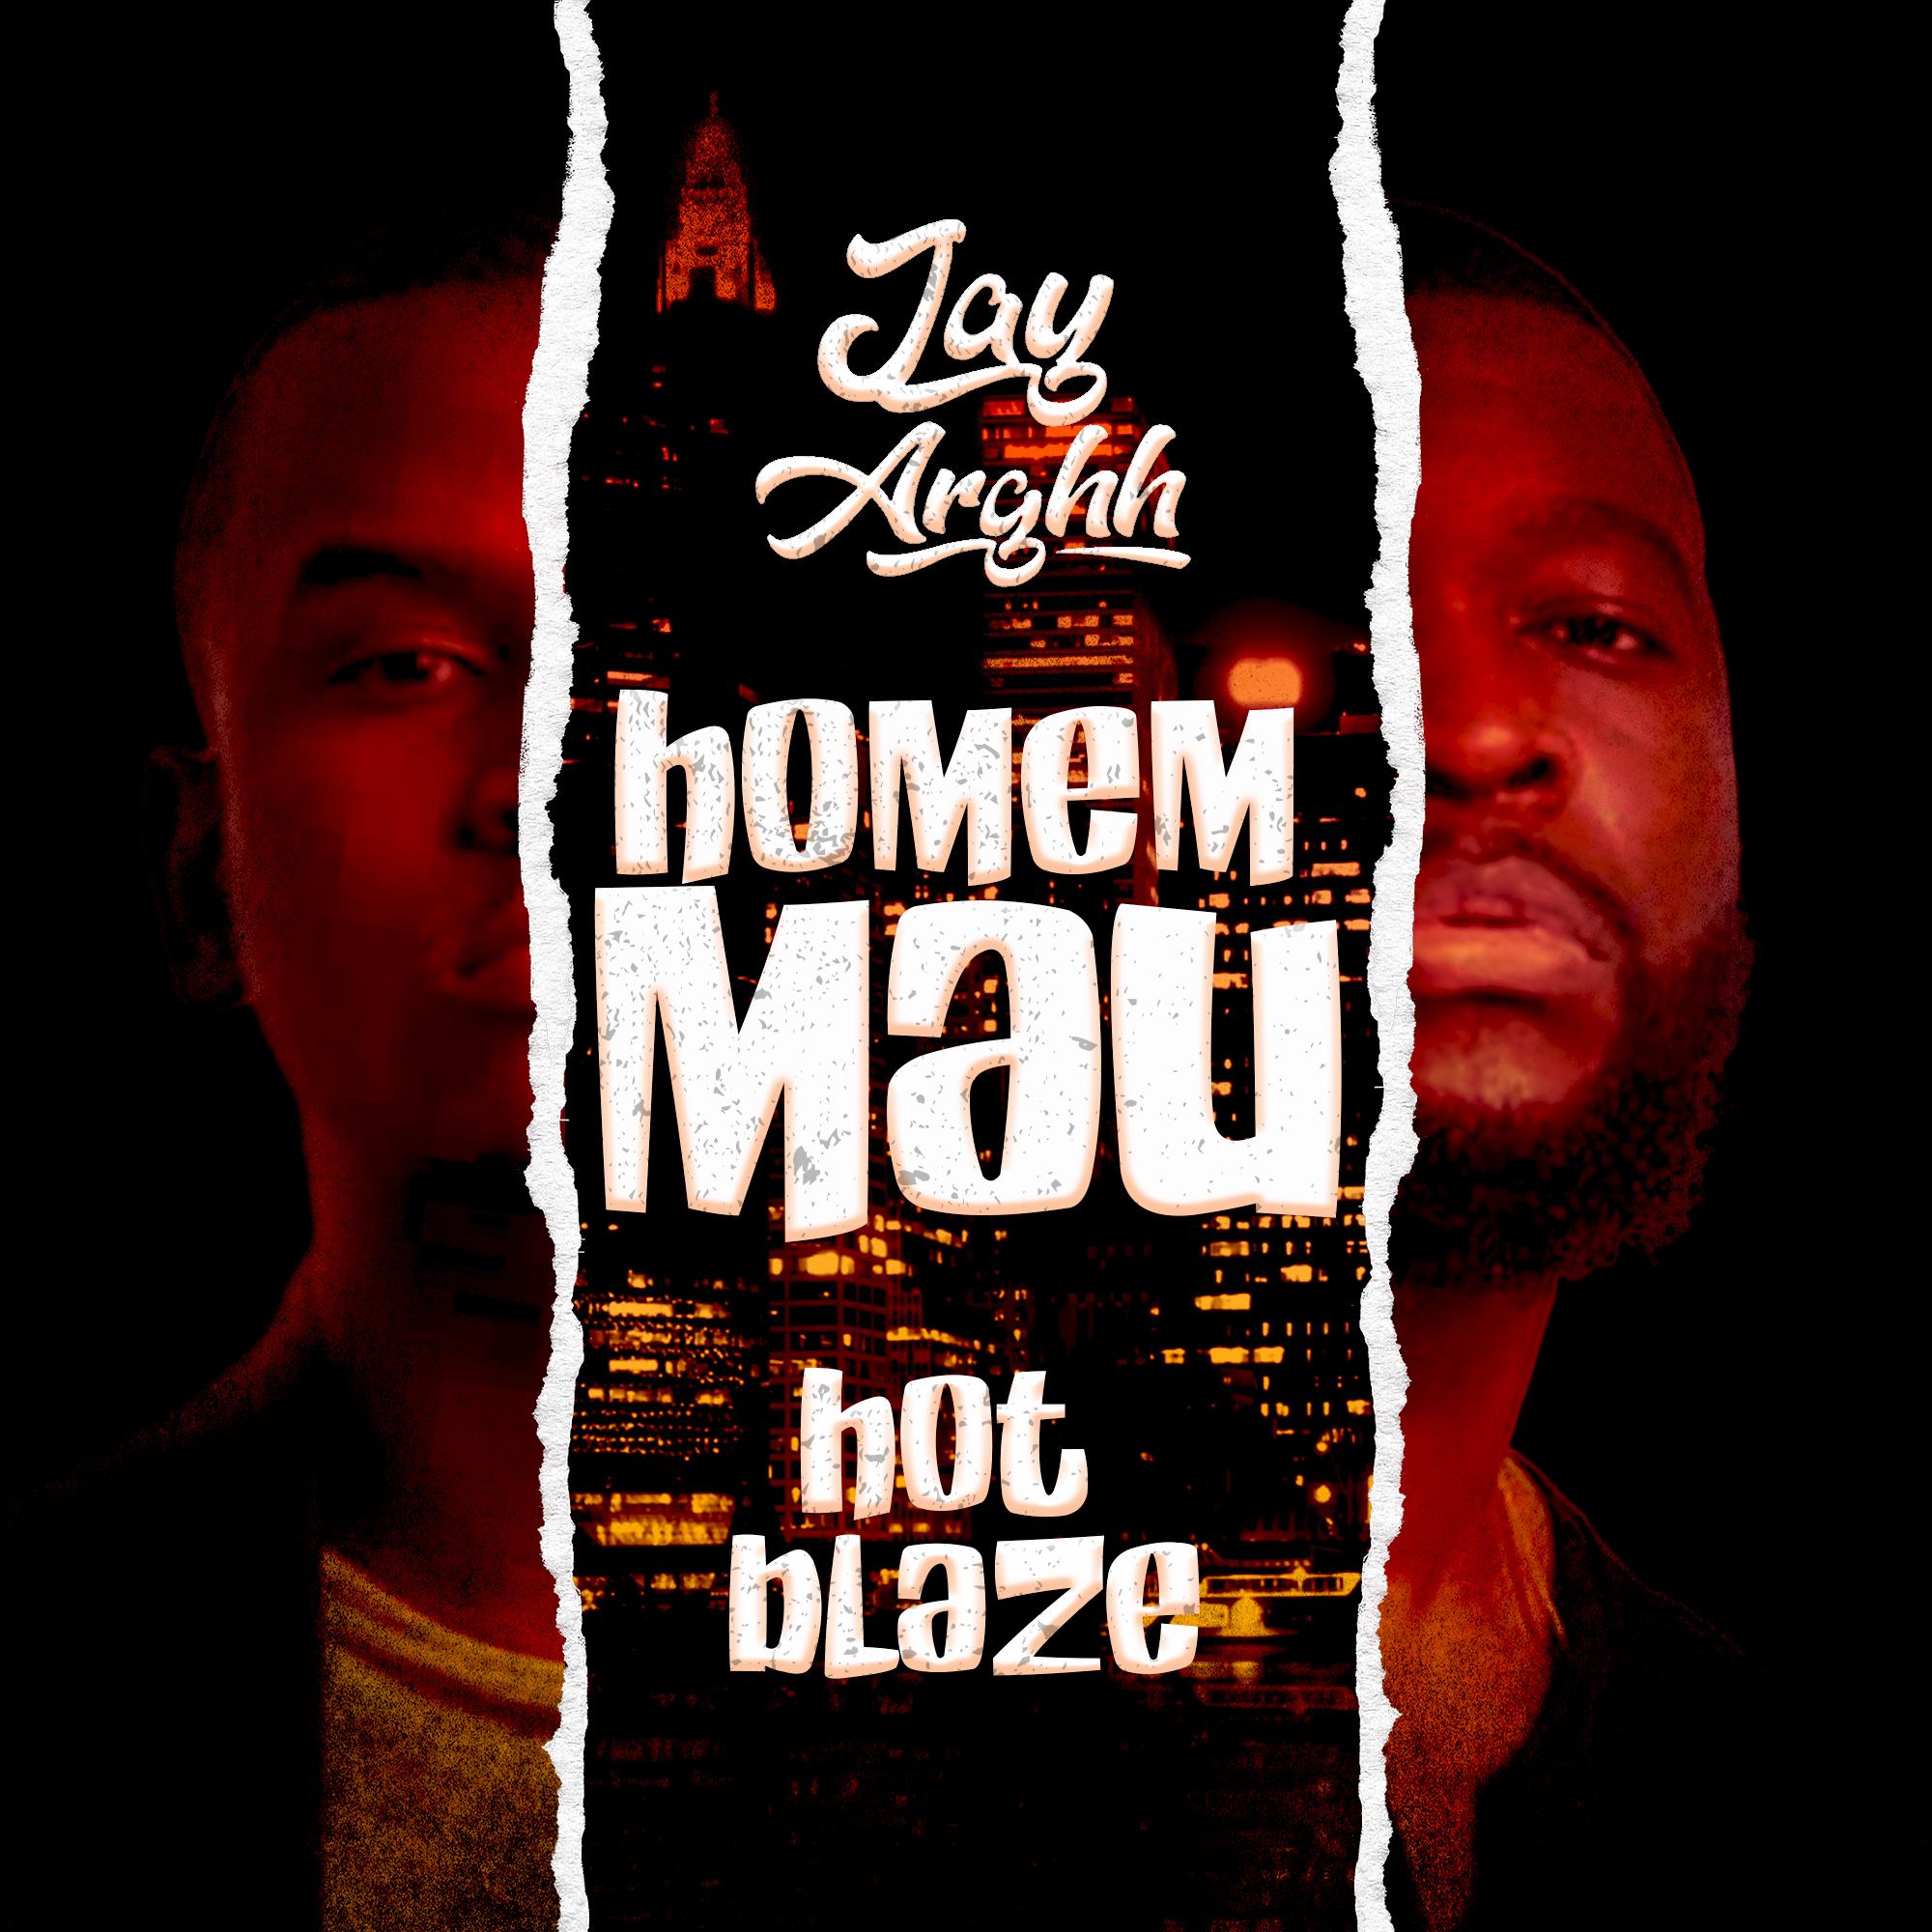 Homem Mau: Jay Arghh e Hot Blaze reafirmam lírica, flow e rimas em nova faixa colaborativa